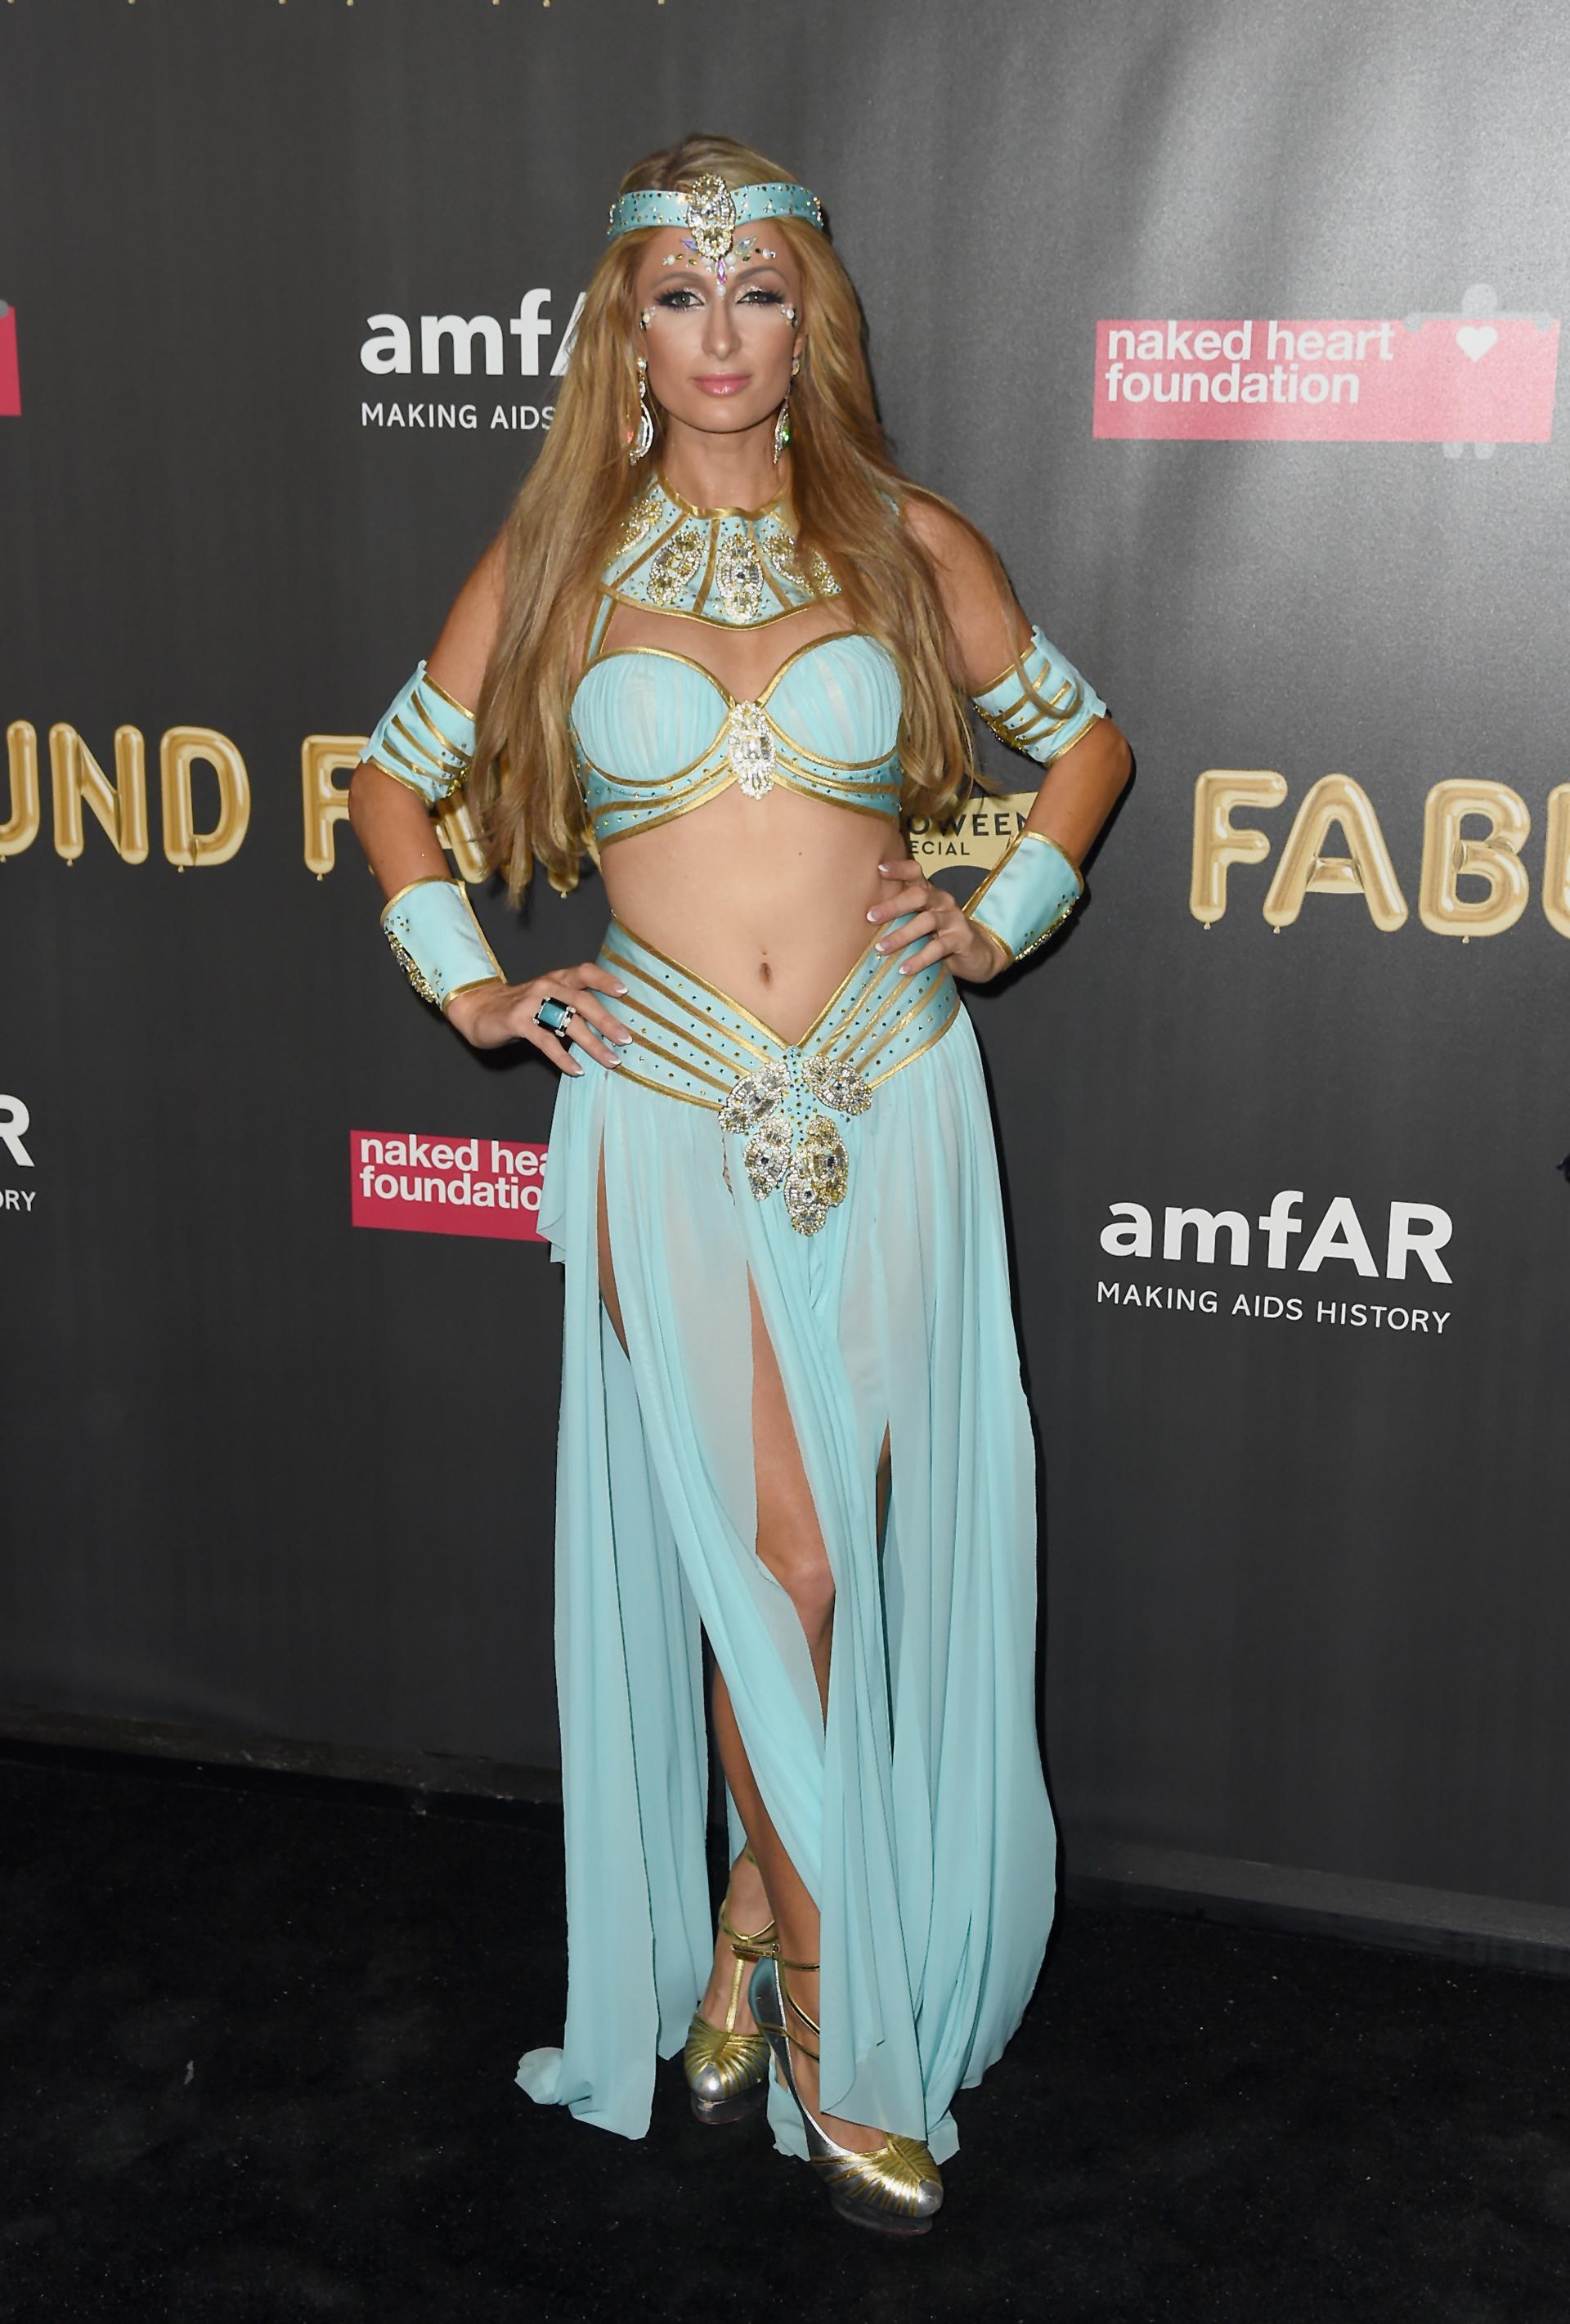 La heredera Paris Hilton lució un lujoso disfraz que imitaba a la perfección a la princesa de Disney, Jazmine (Photo by Nicholas Hunt/Getty Images)